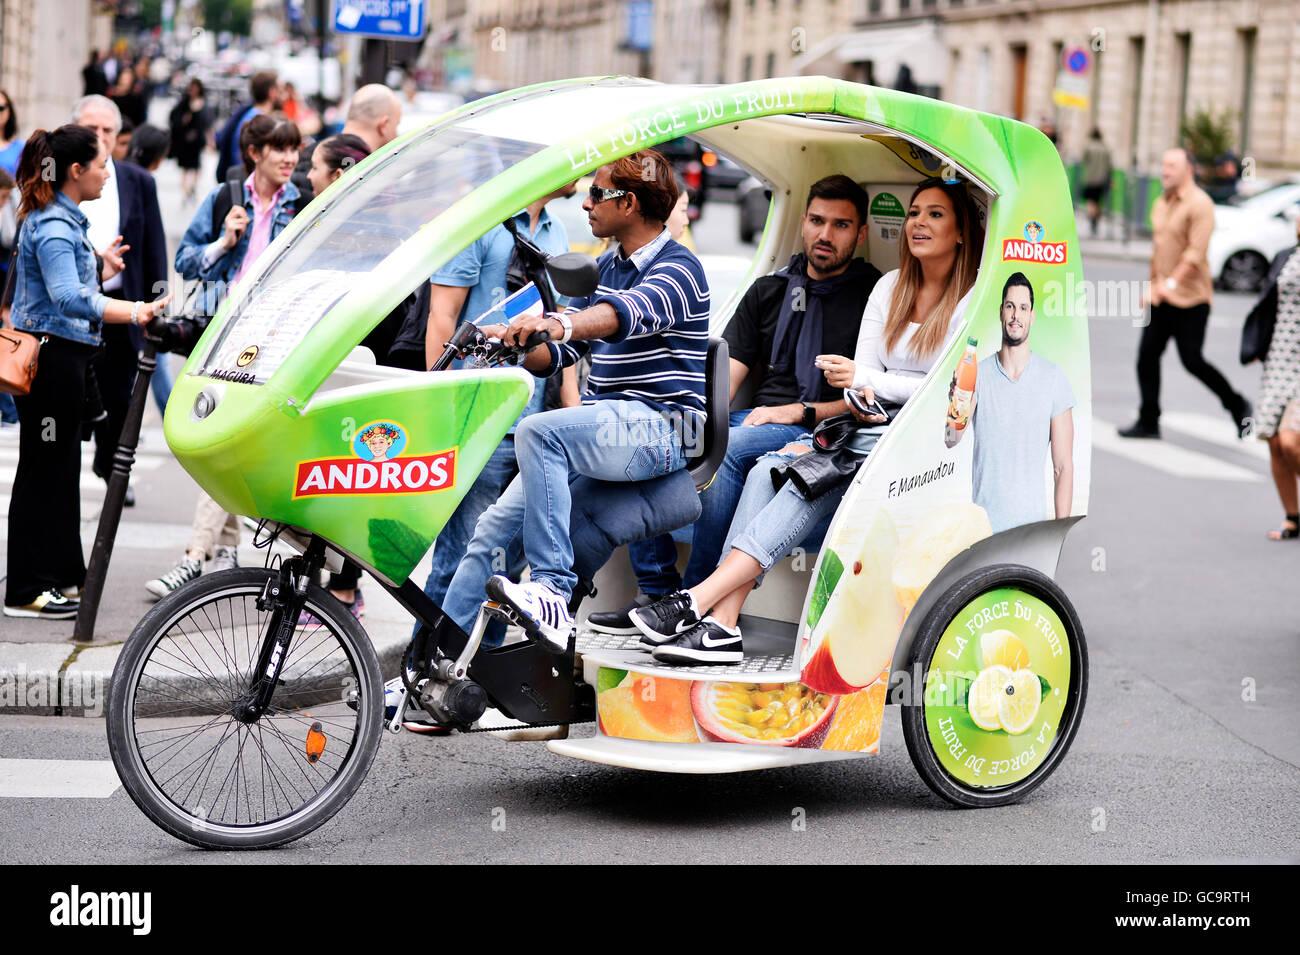 Velo elettrico Taxi, Parigi Immagini Stock